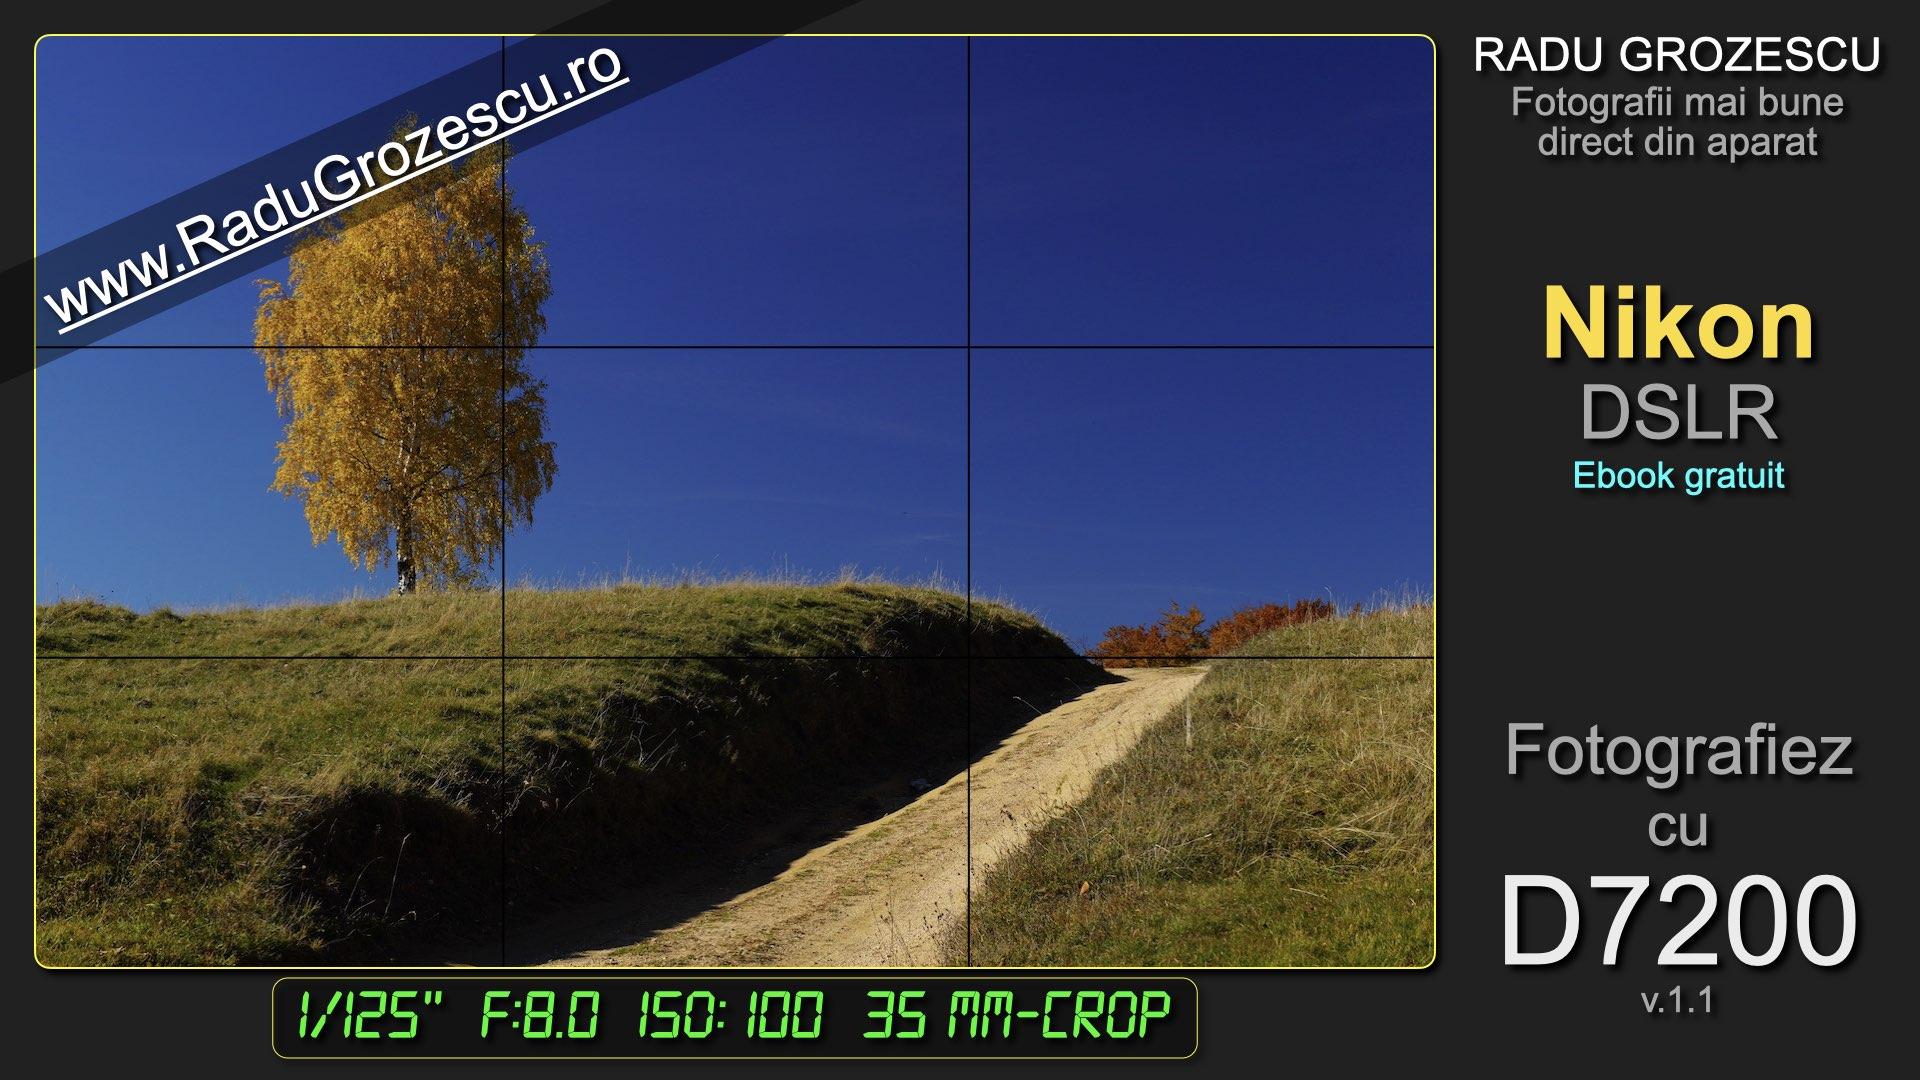 Ebook de fotografie - Fotografiez cu D7200 - varianta scurtă pentru Nikon DSLR